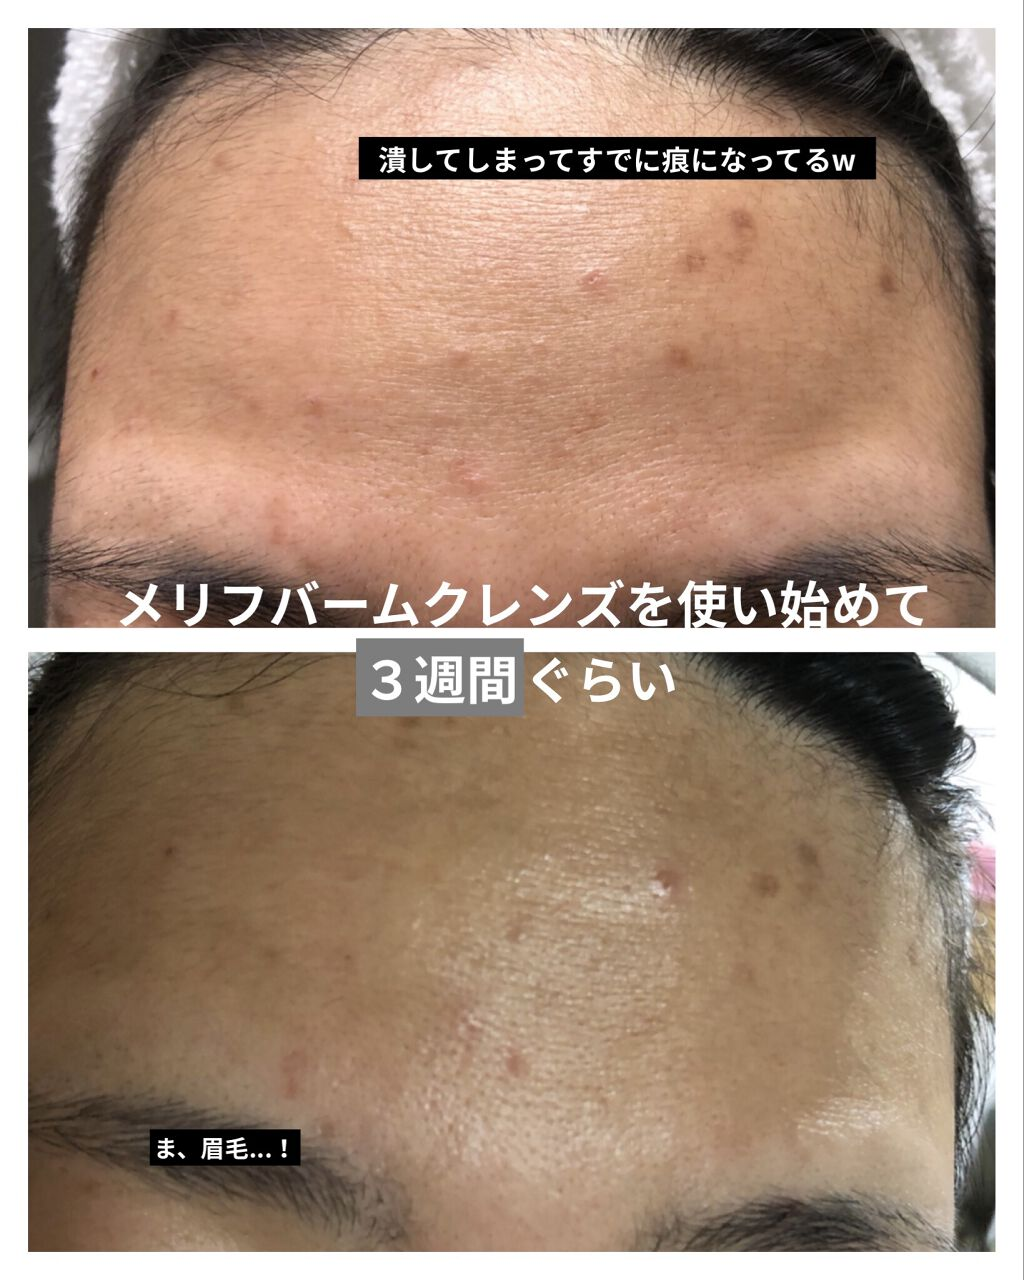 メ リフ バーム クレンズ 口コミ MELLIFE(メリフ) / BALM...